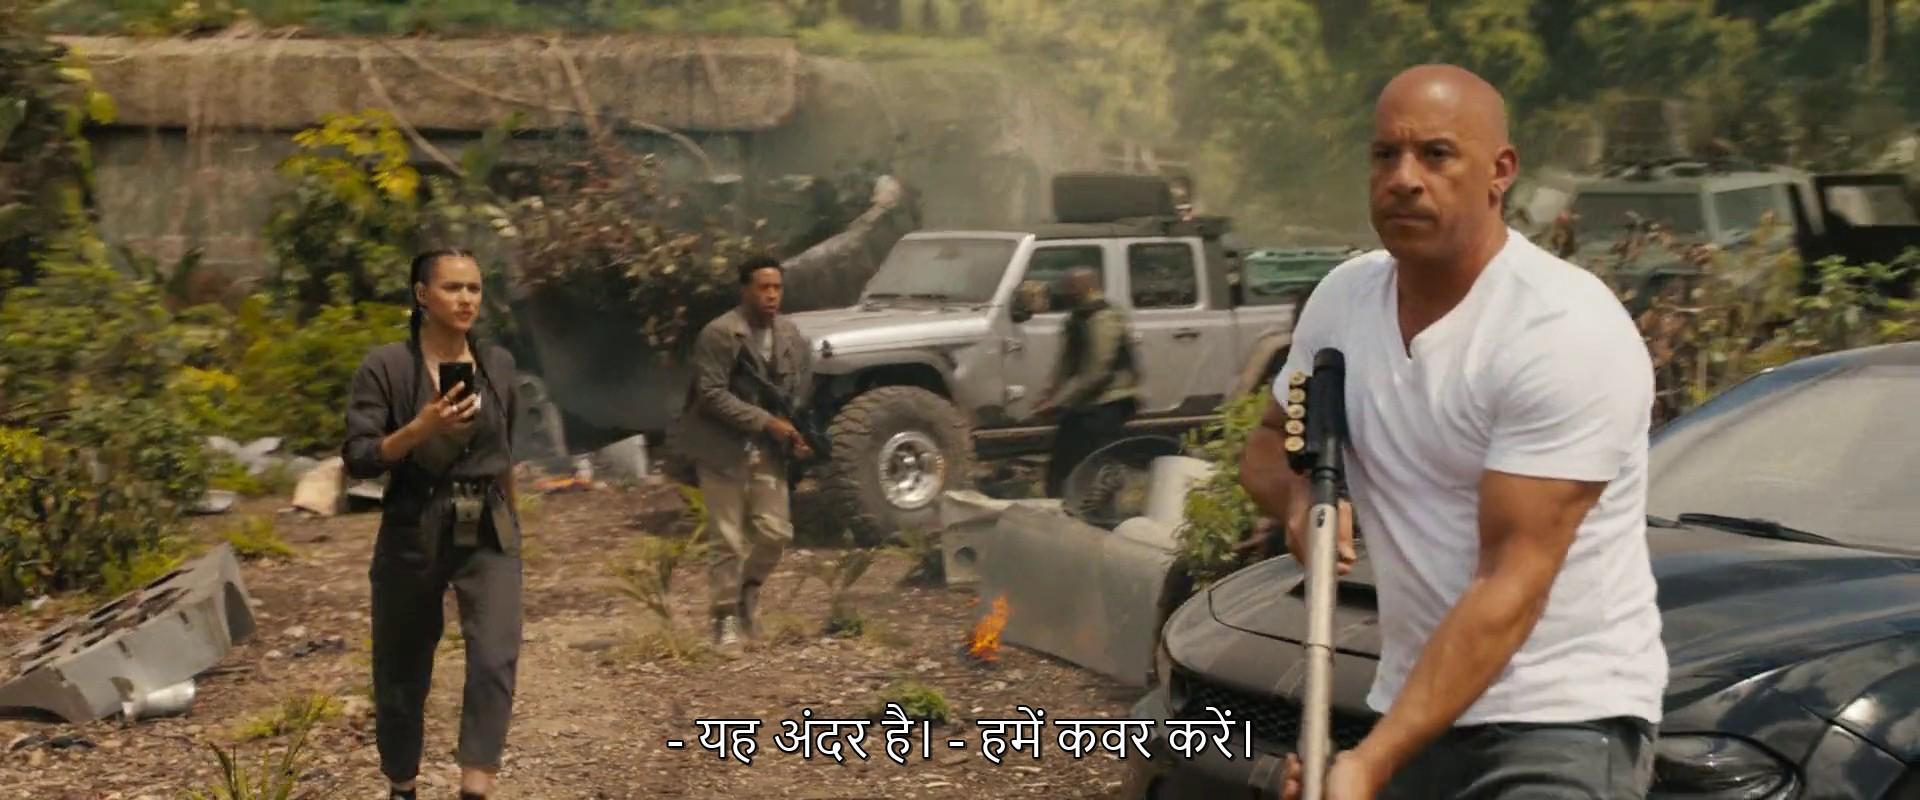 Download Fast And Furious 9 English Hindi